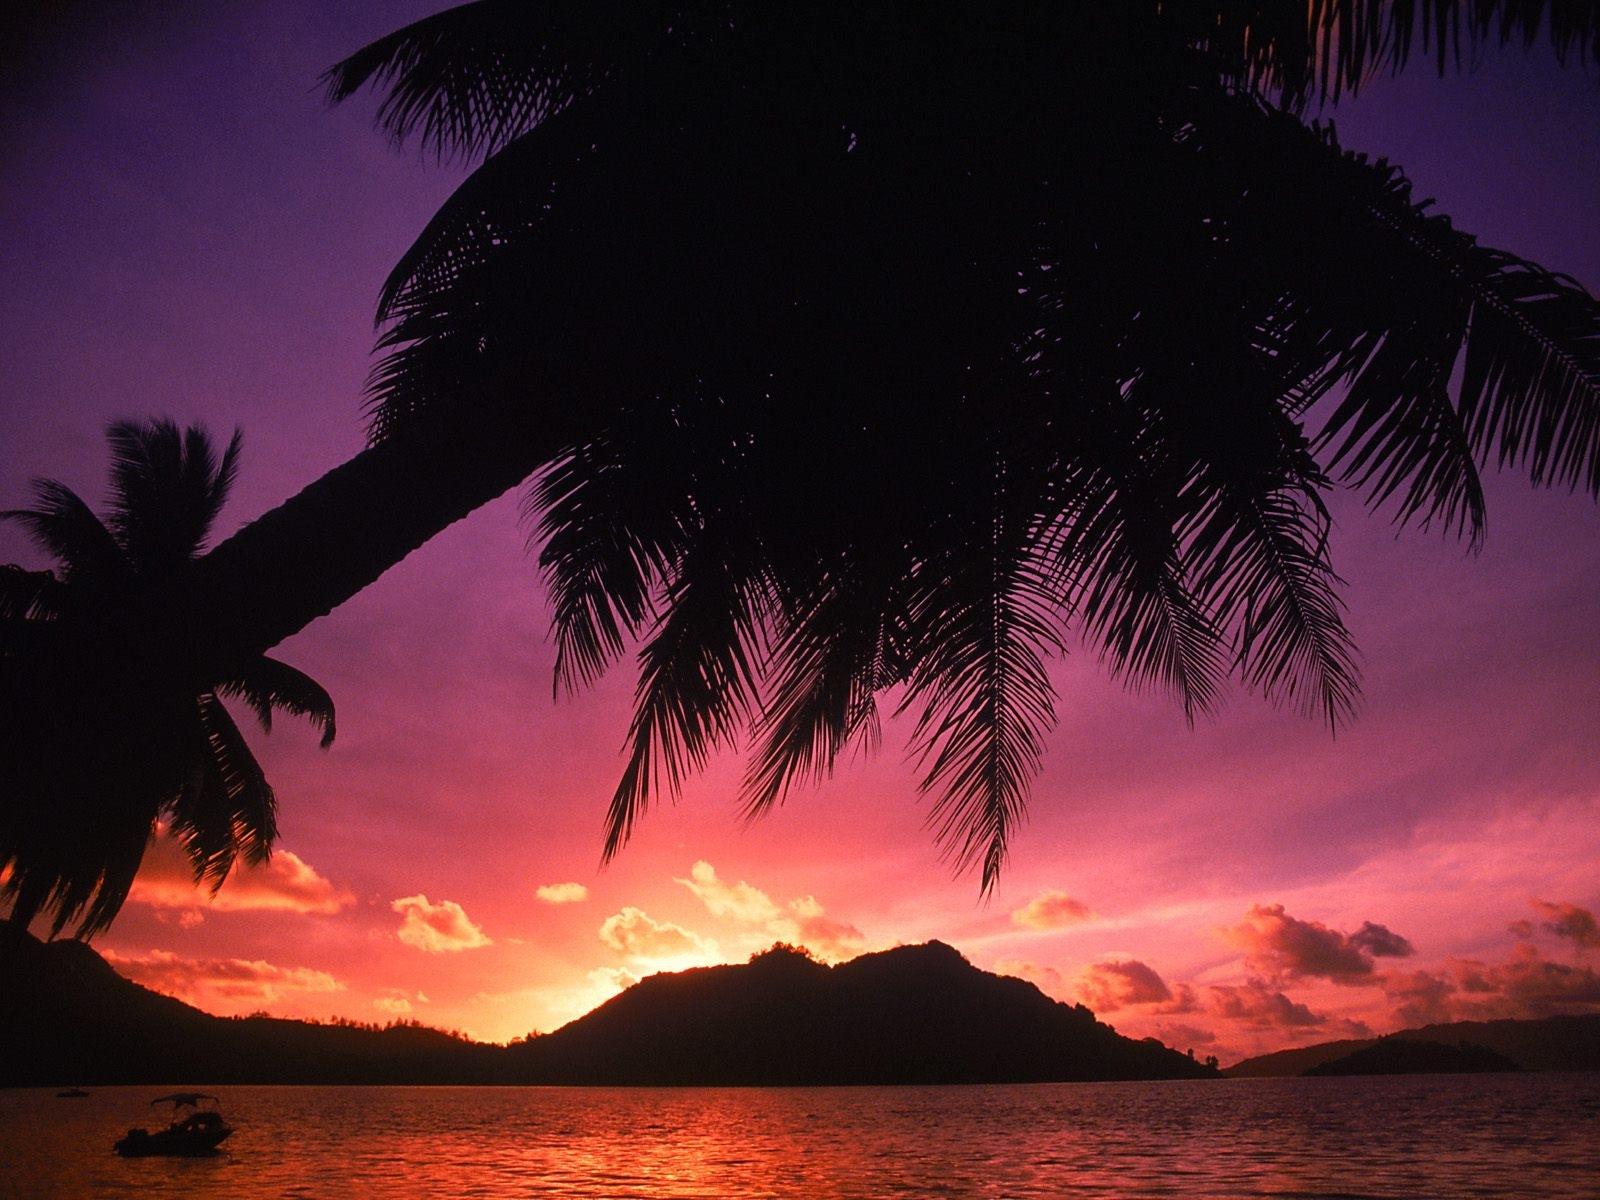 4339 скачать обои Пейзаж, Закат, Море, Пальмы - заставки и картинки бесплатно